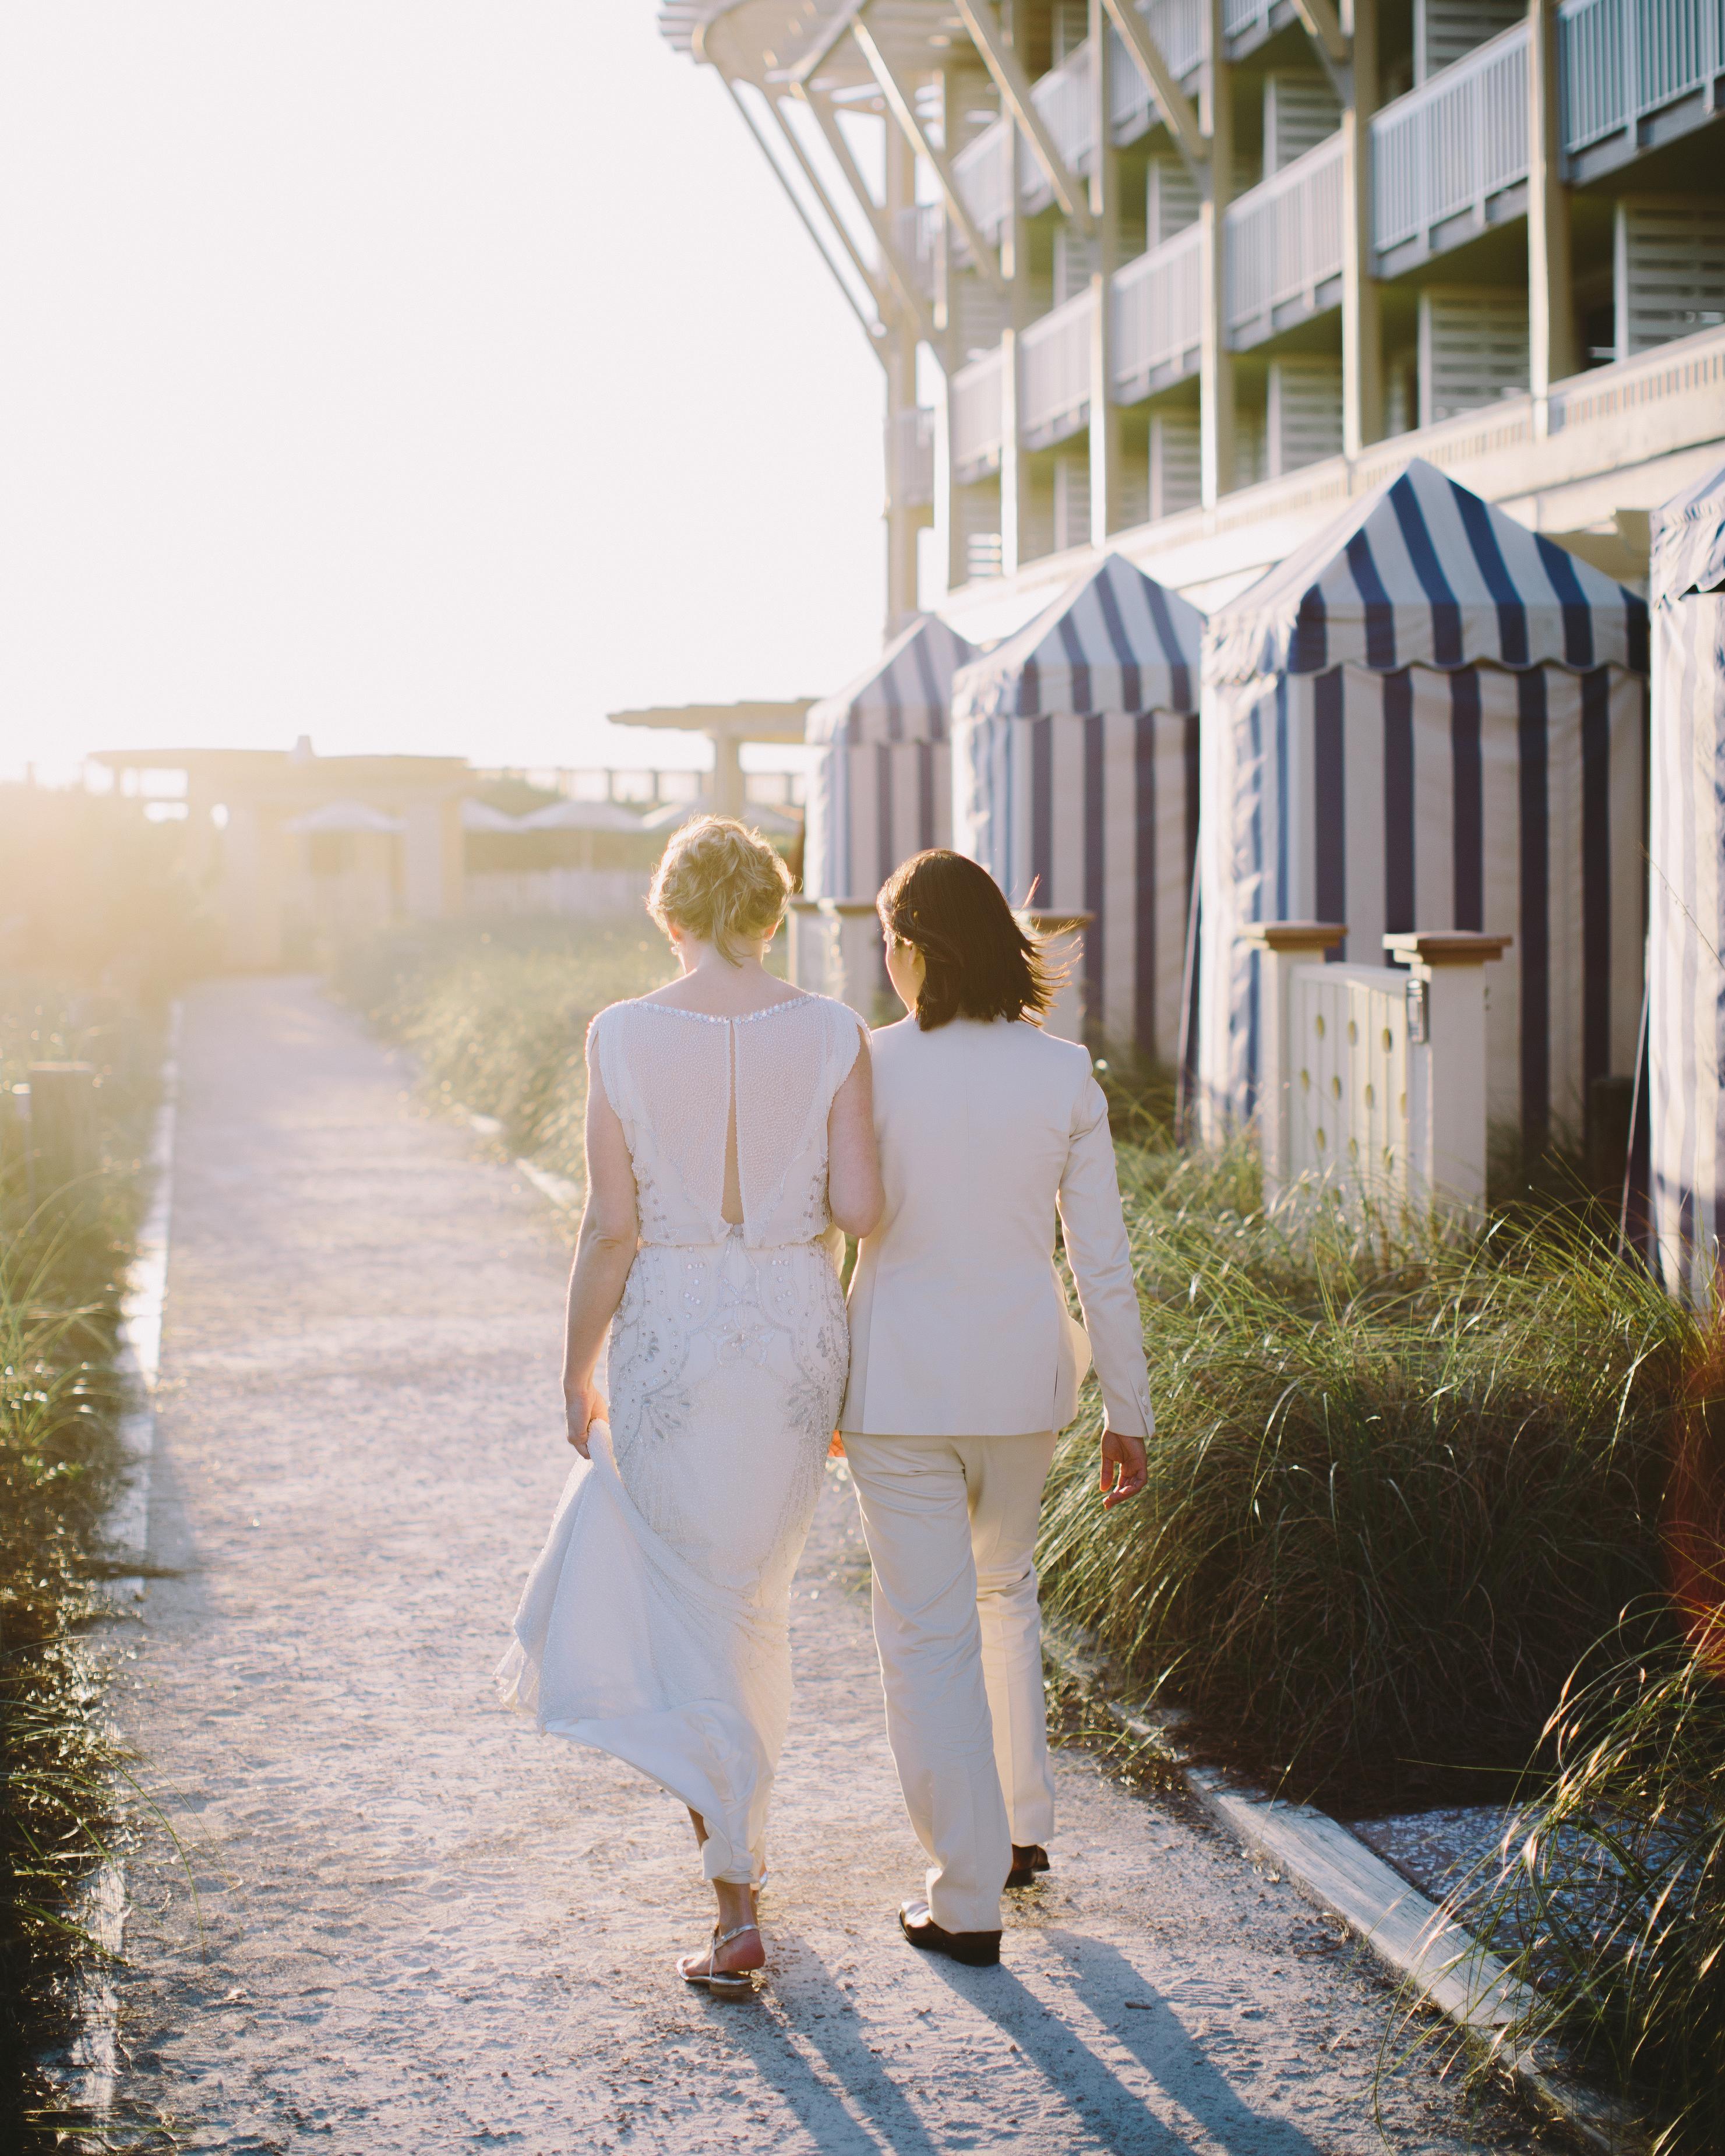 teresa-amanda-wedding-couple-0156-s111694-1114.jpg